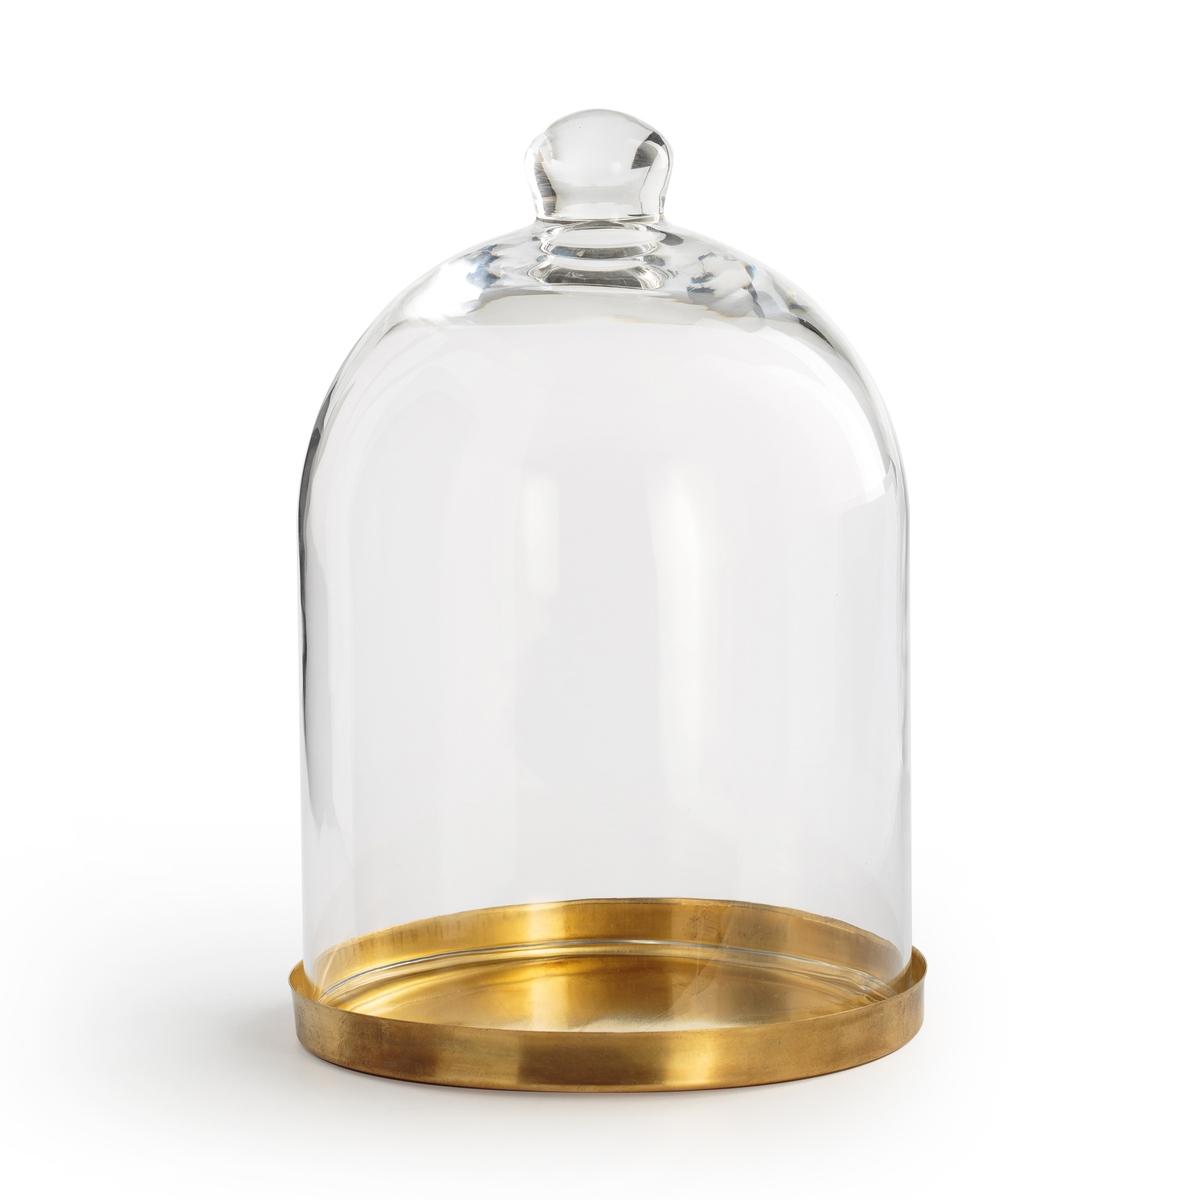 Campana in vetro e ottone A23 cm TANEMIRTE